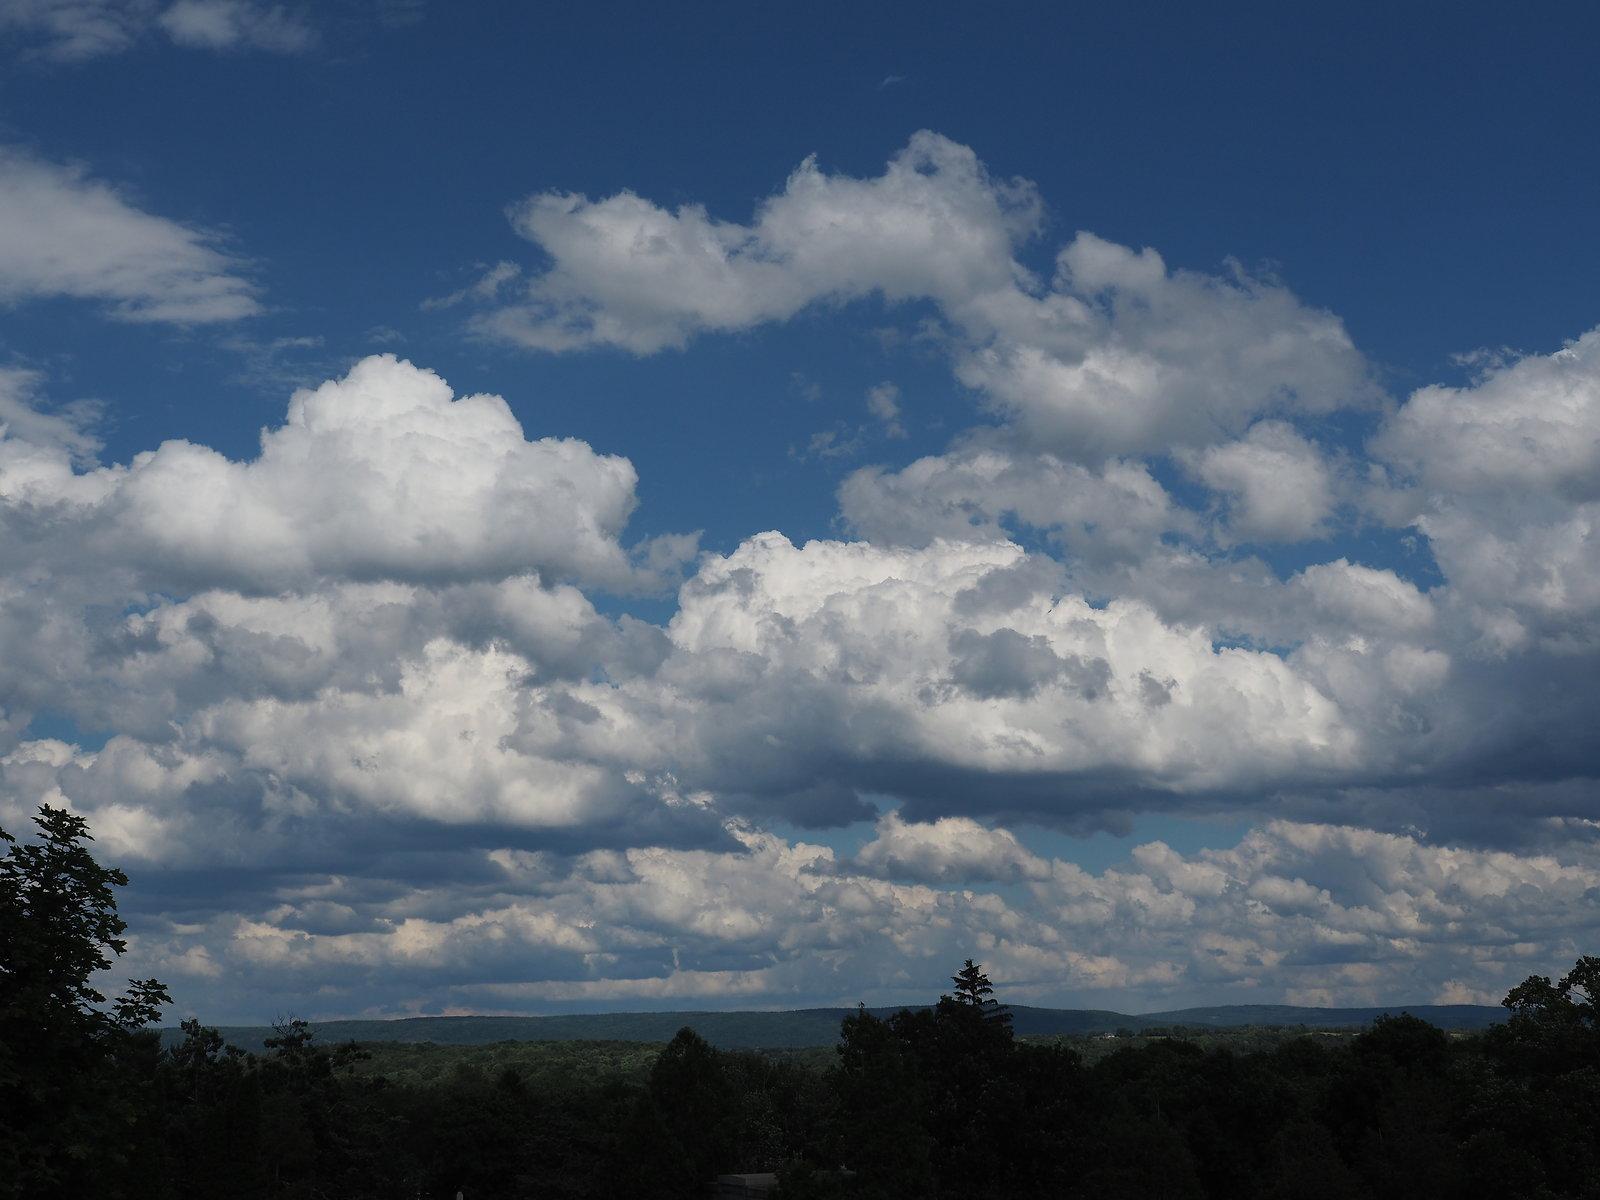 OMD EM5 2 clouds 002.JPG